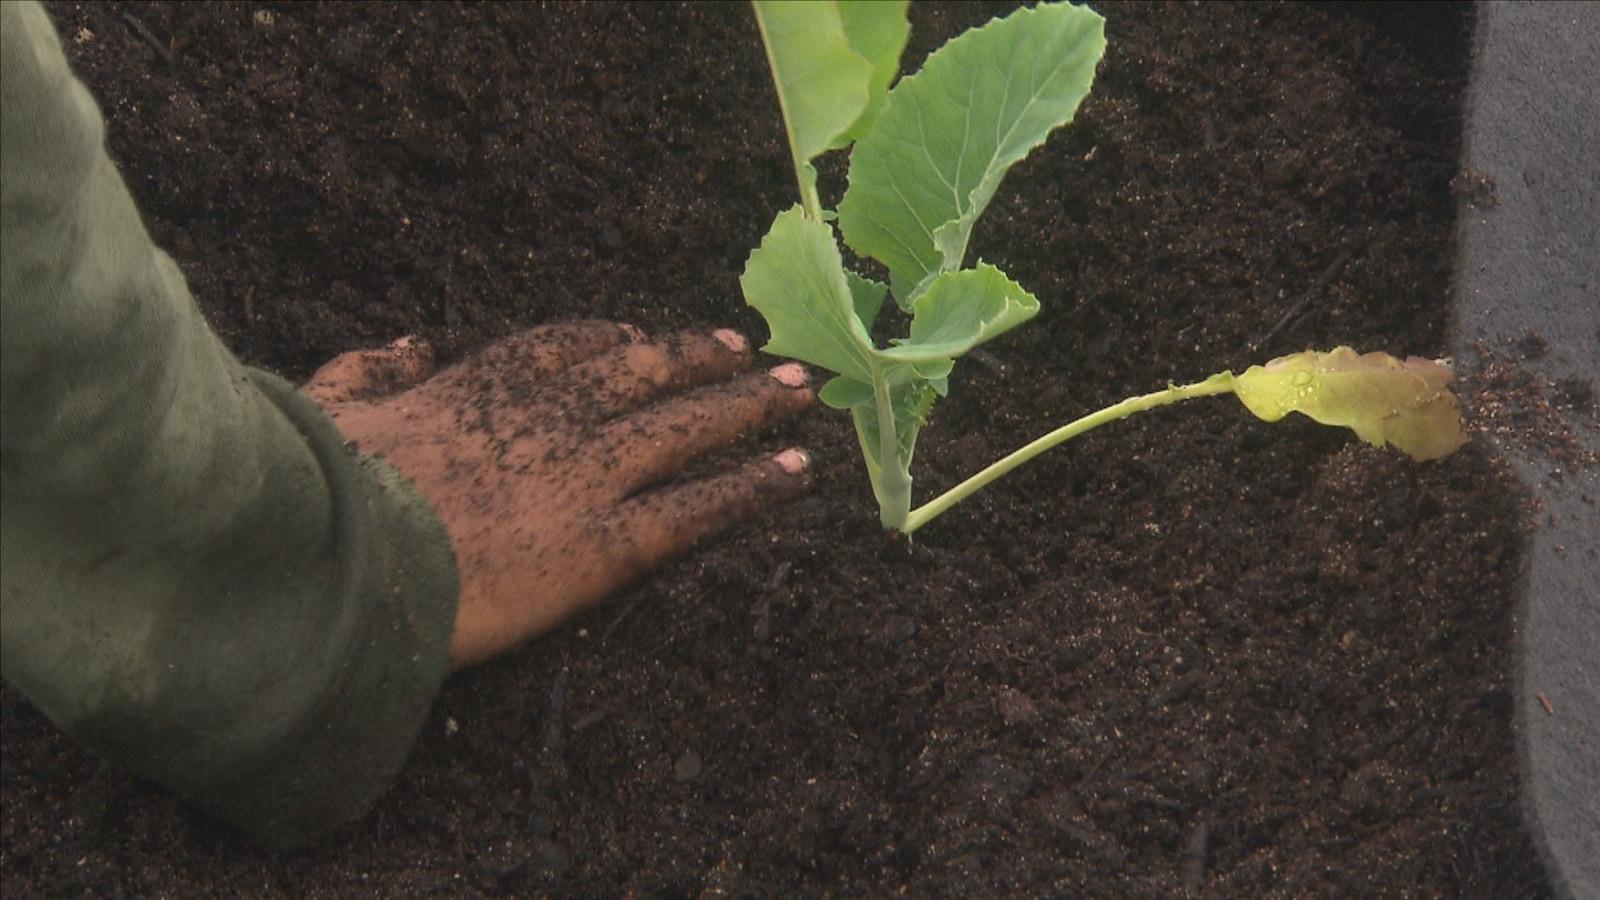 Une main plante un semi dans la terre.